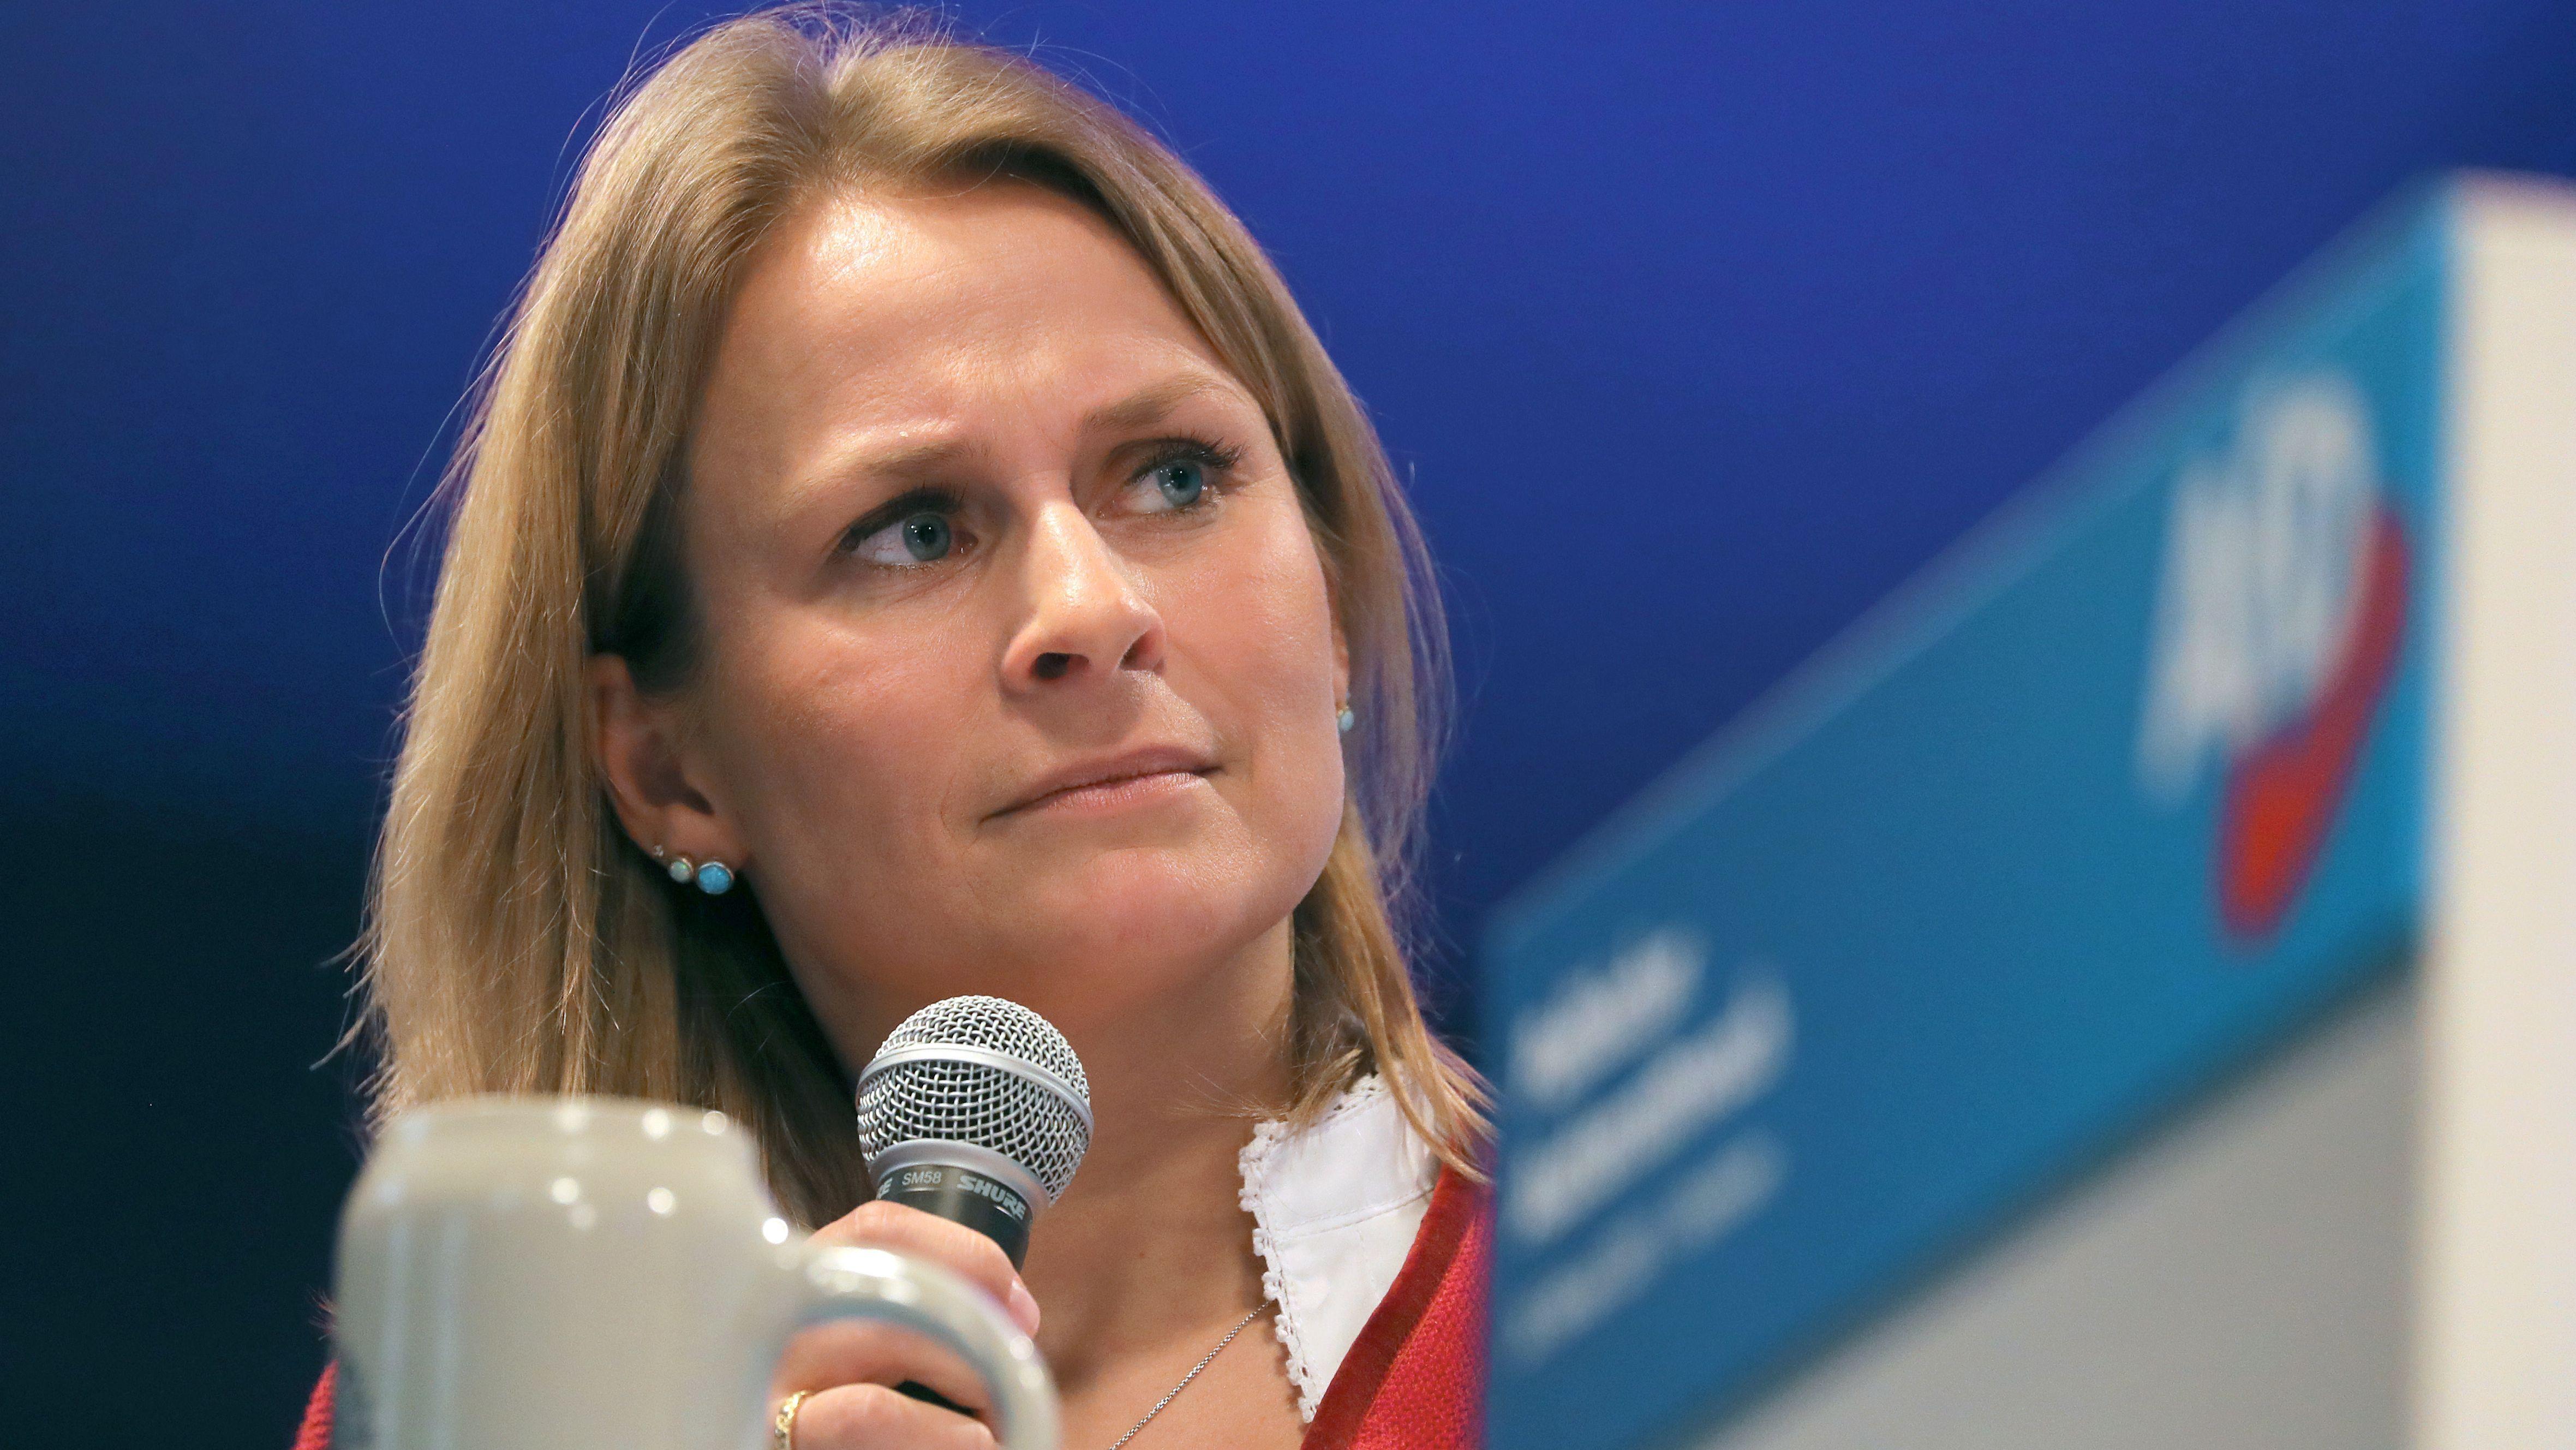 Bayerns AfD-Chefin Corinna Miazga hofft auf eine gütliche Lösung des Konflikts.